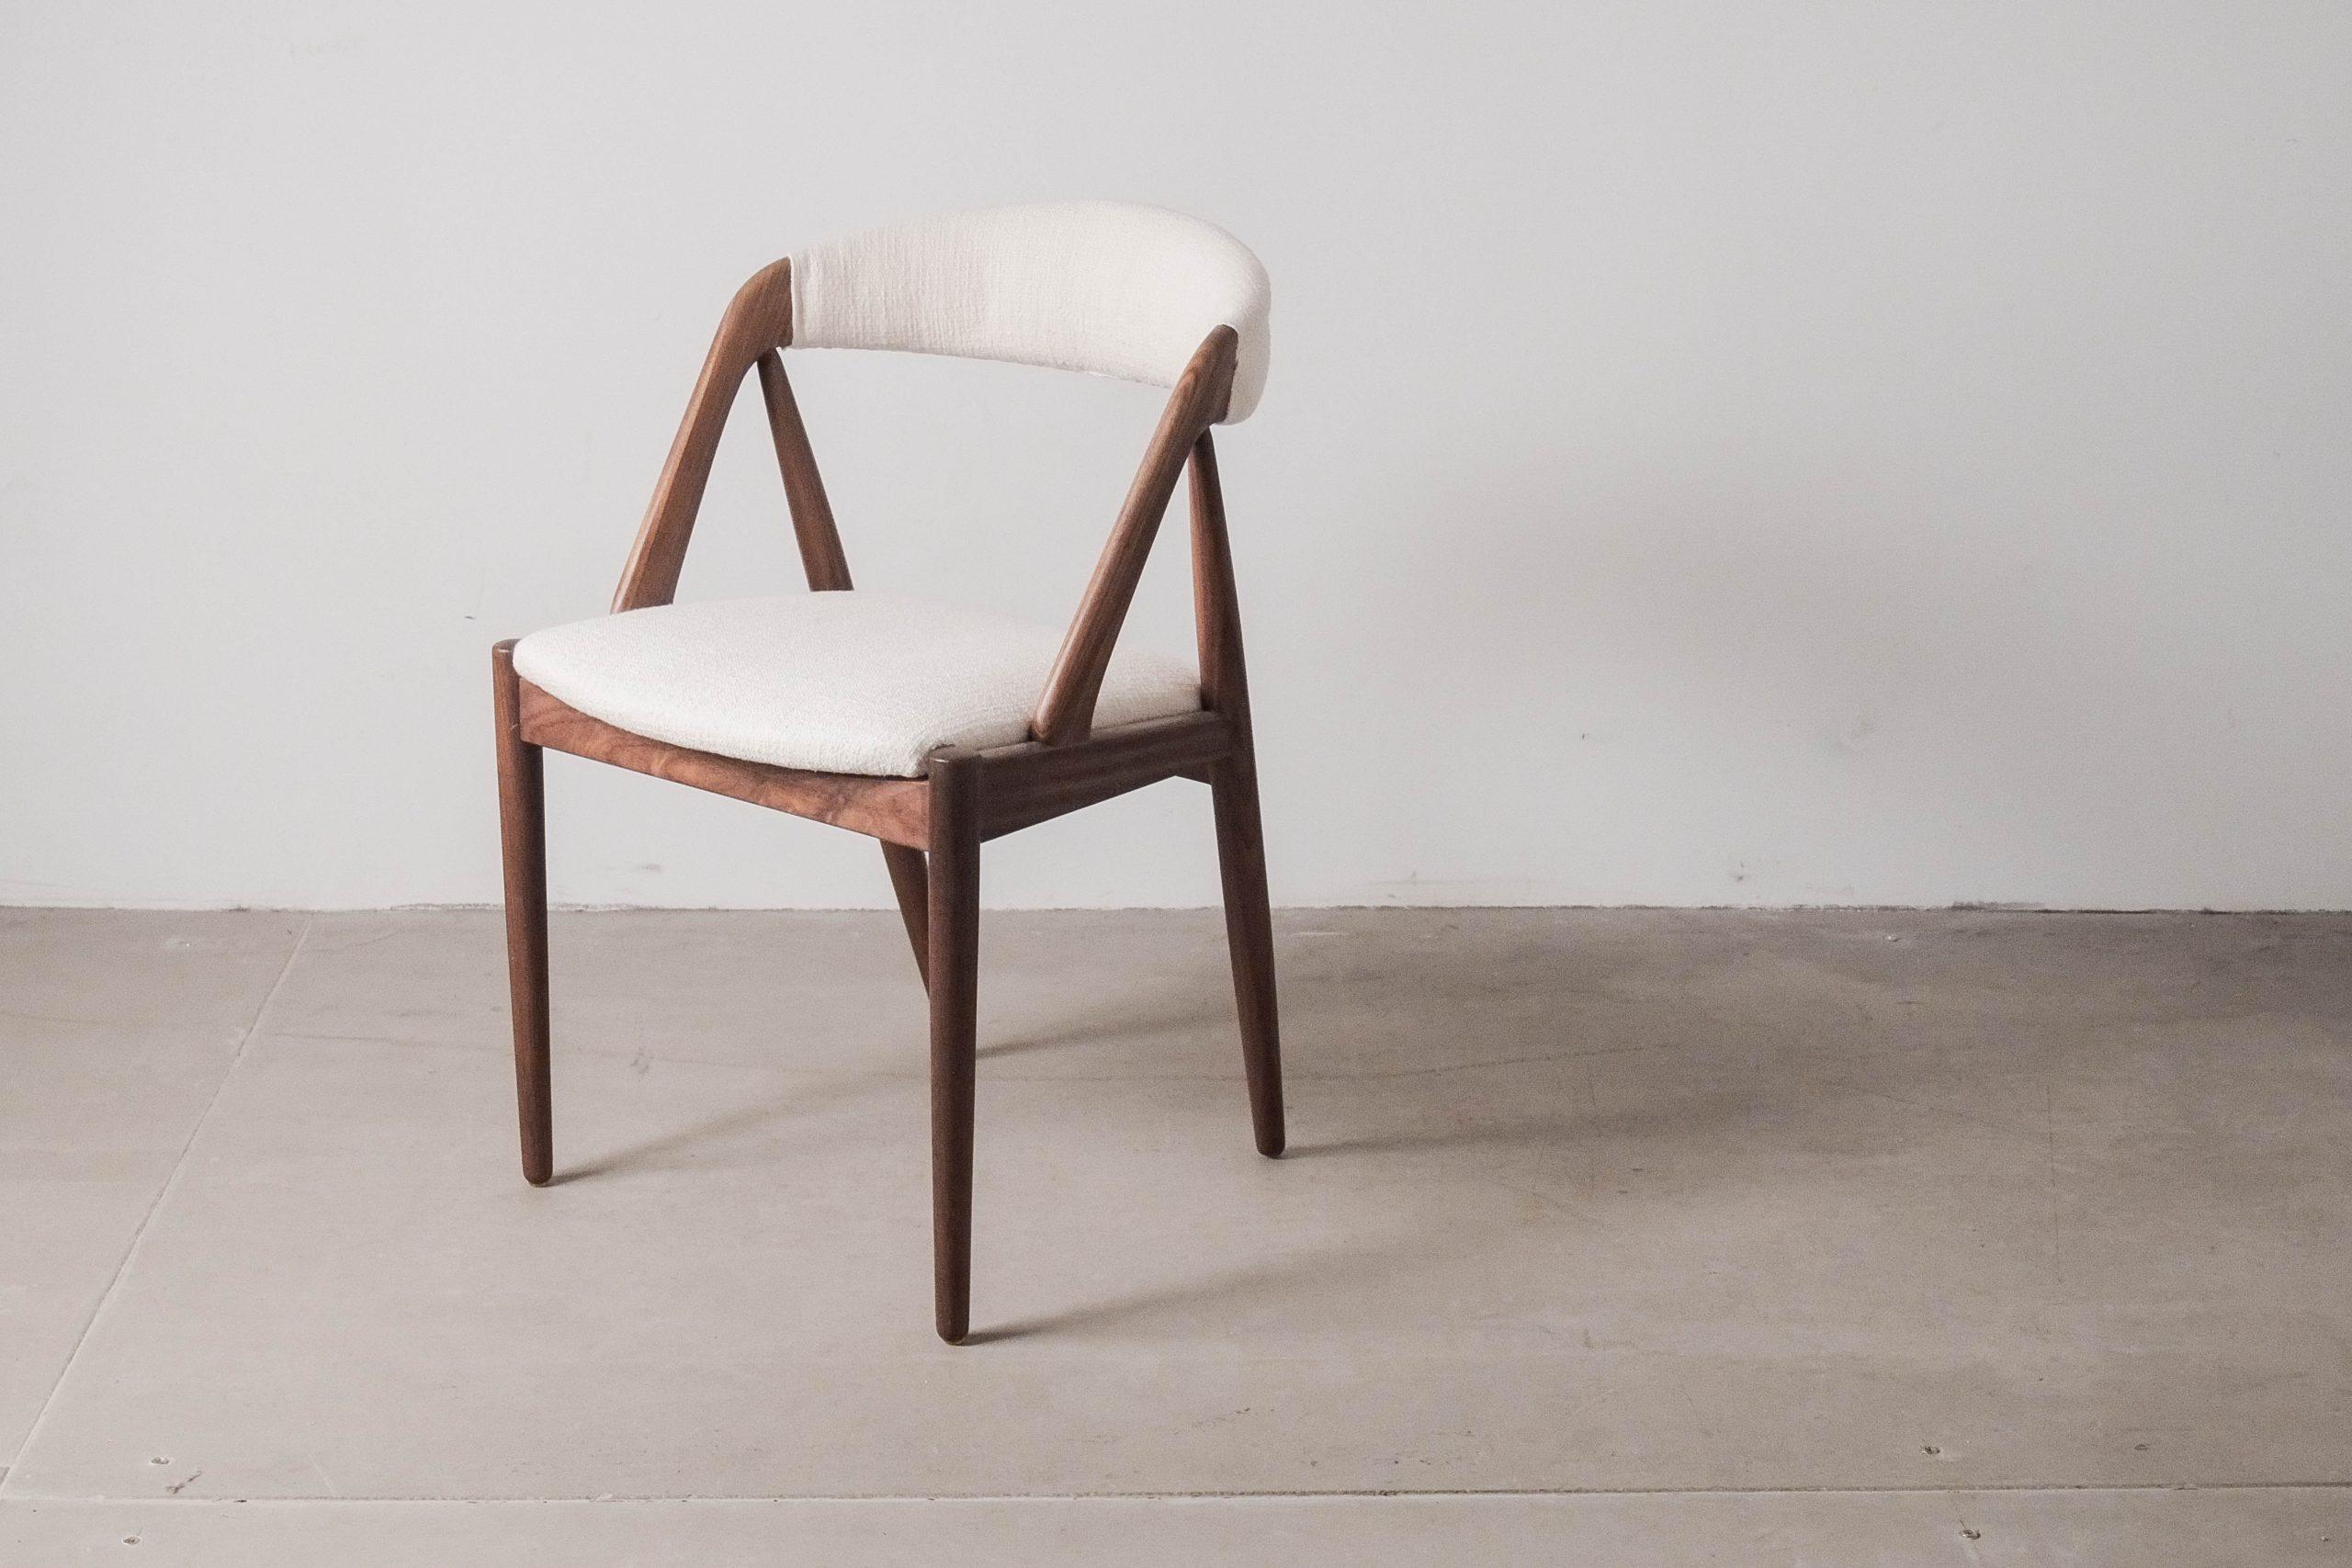 silla de palosanto kai kristiansen silla de comedor comoda confortable de diseño palosanto palisandro